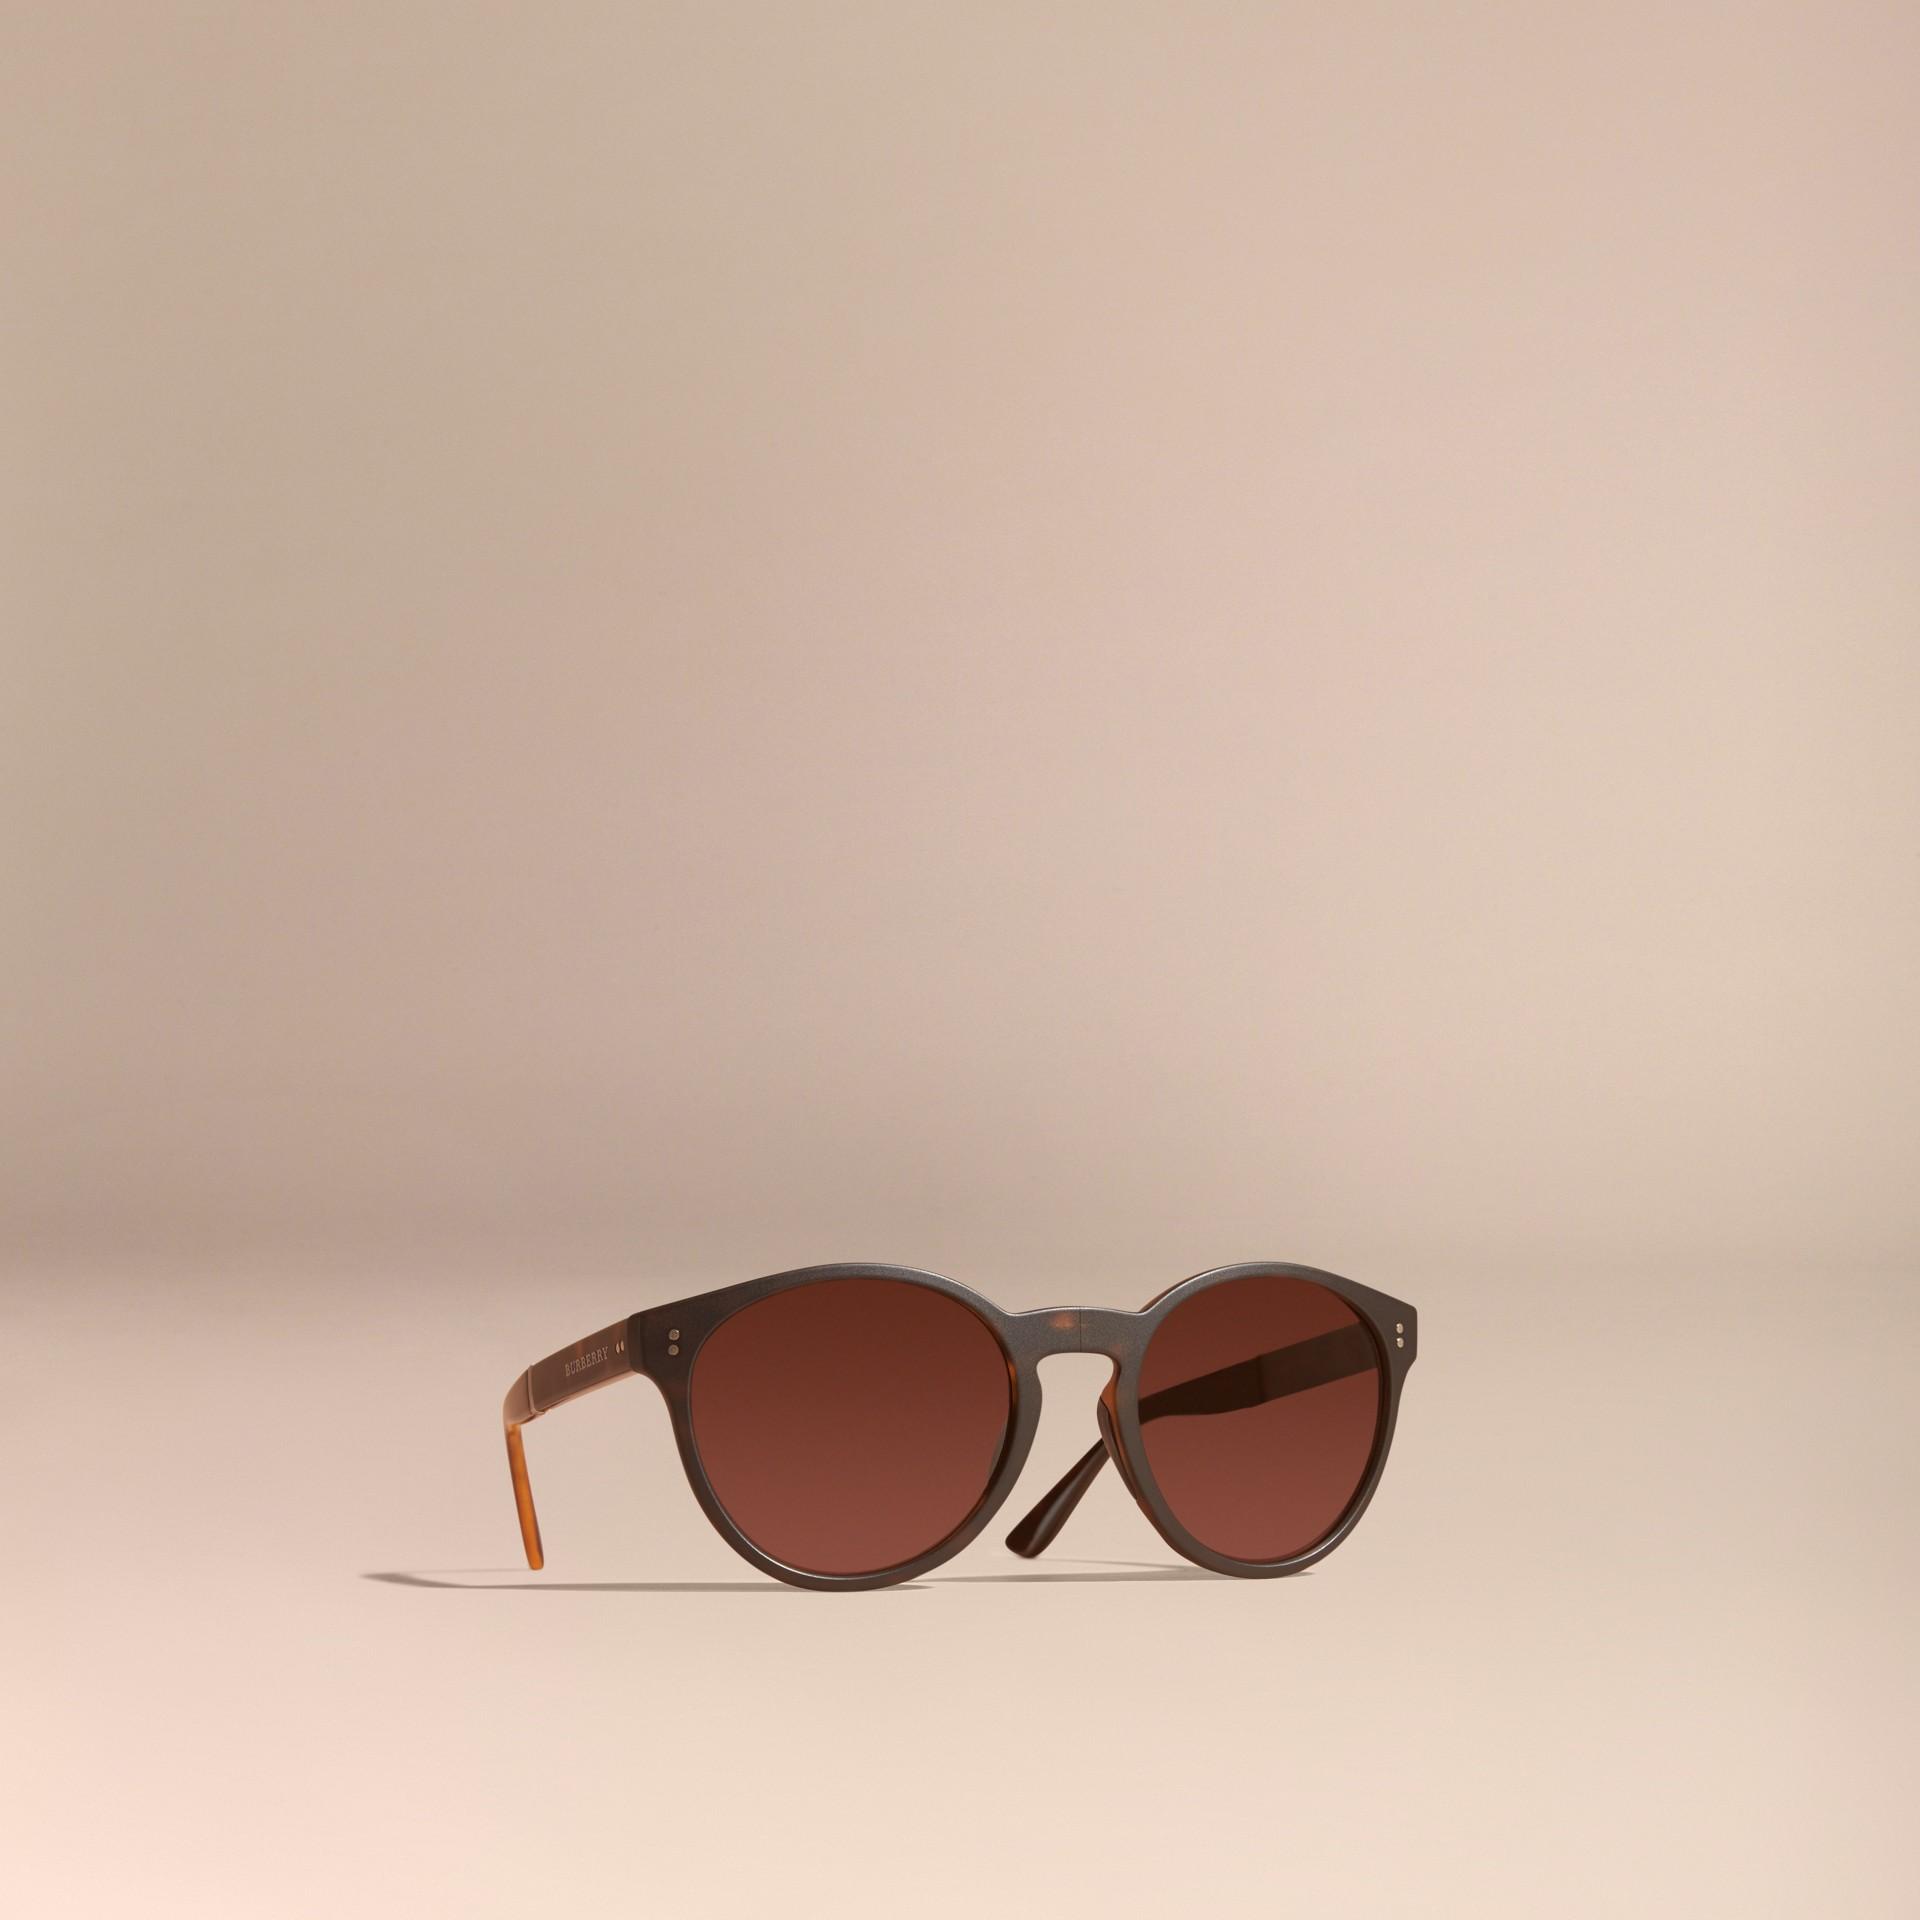 Tartarugato Occhiali da sole con montatura tonda pieghevole Tartarugato - immagine della galleria 1